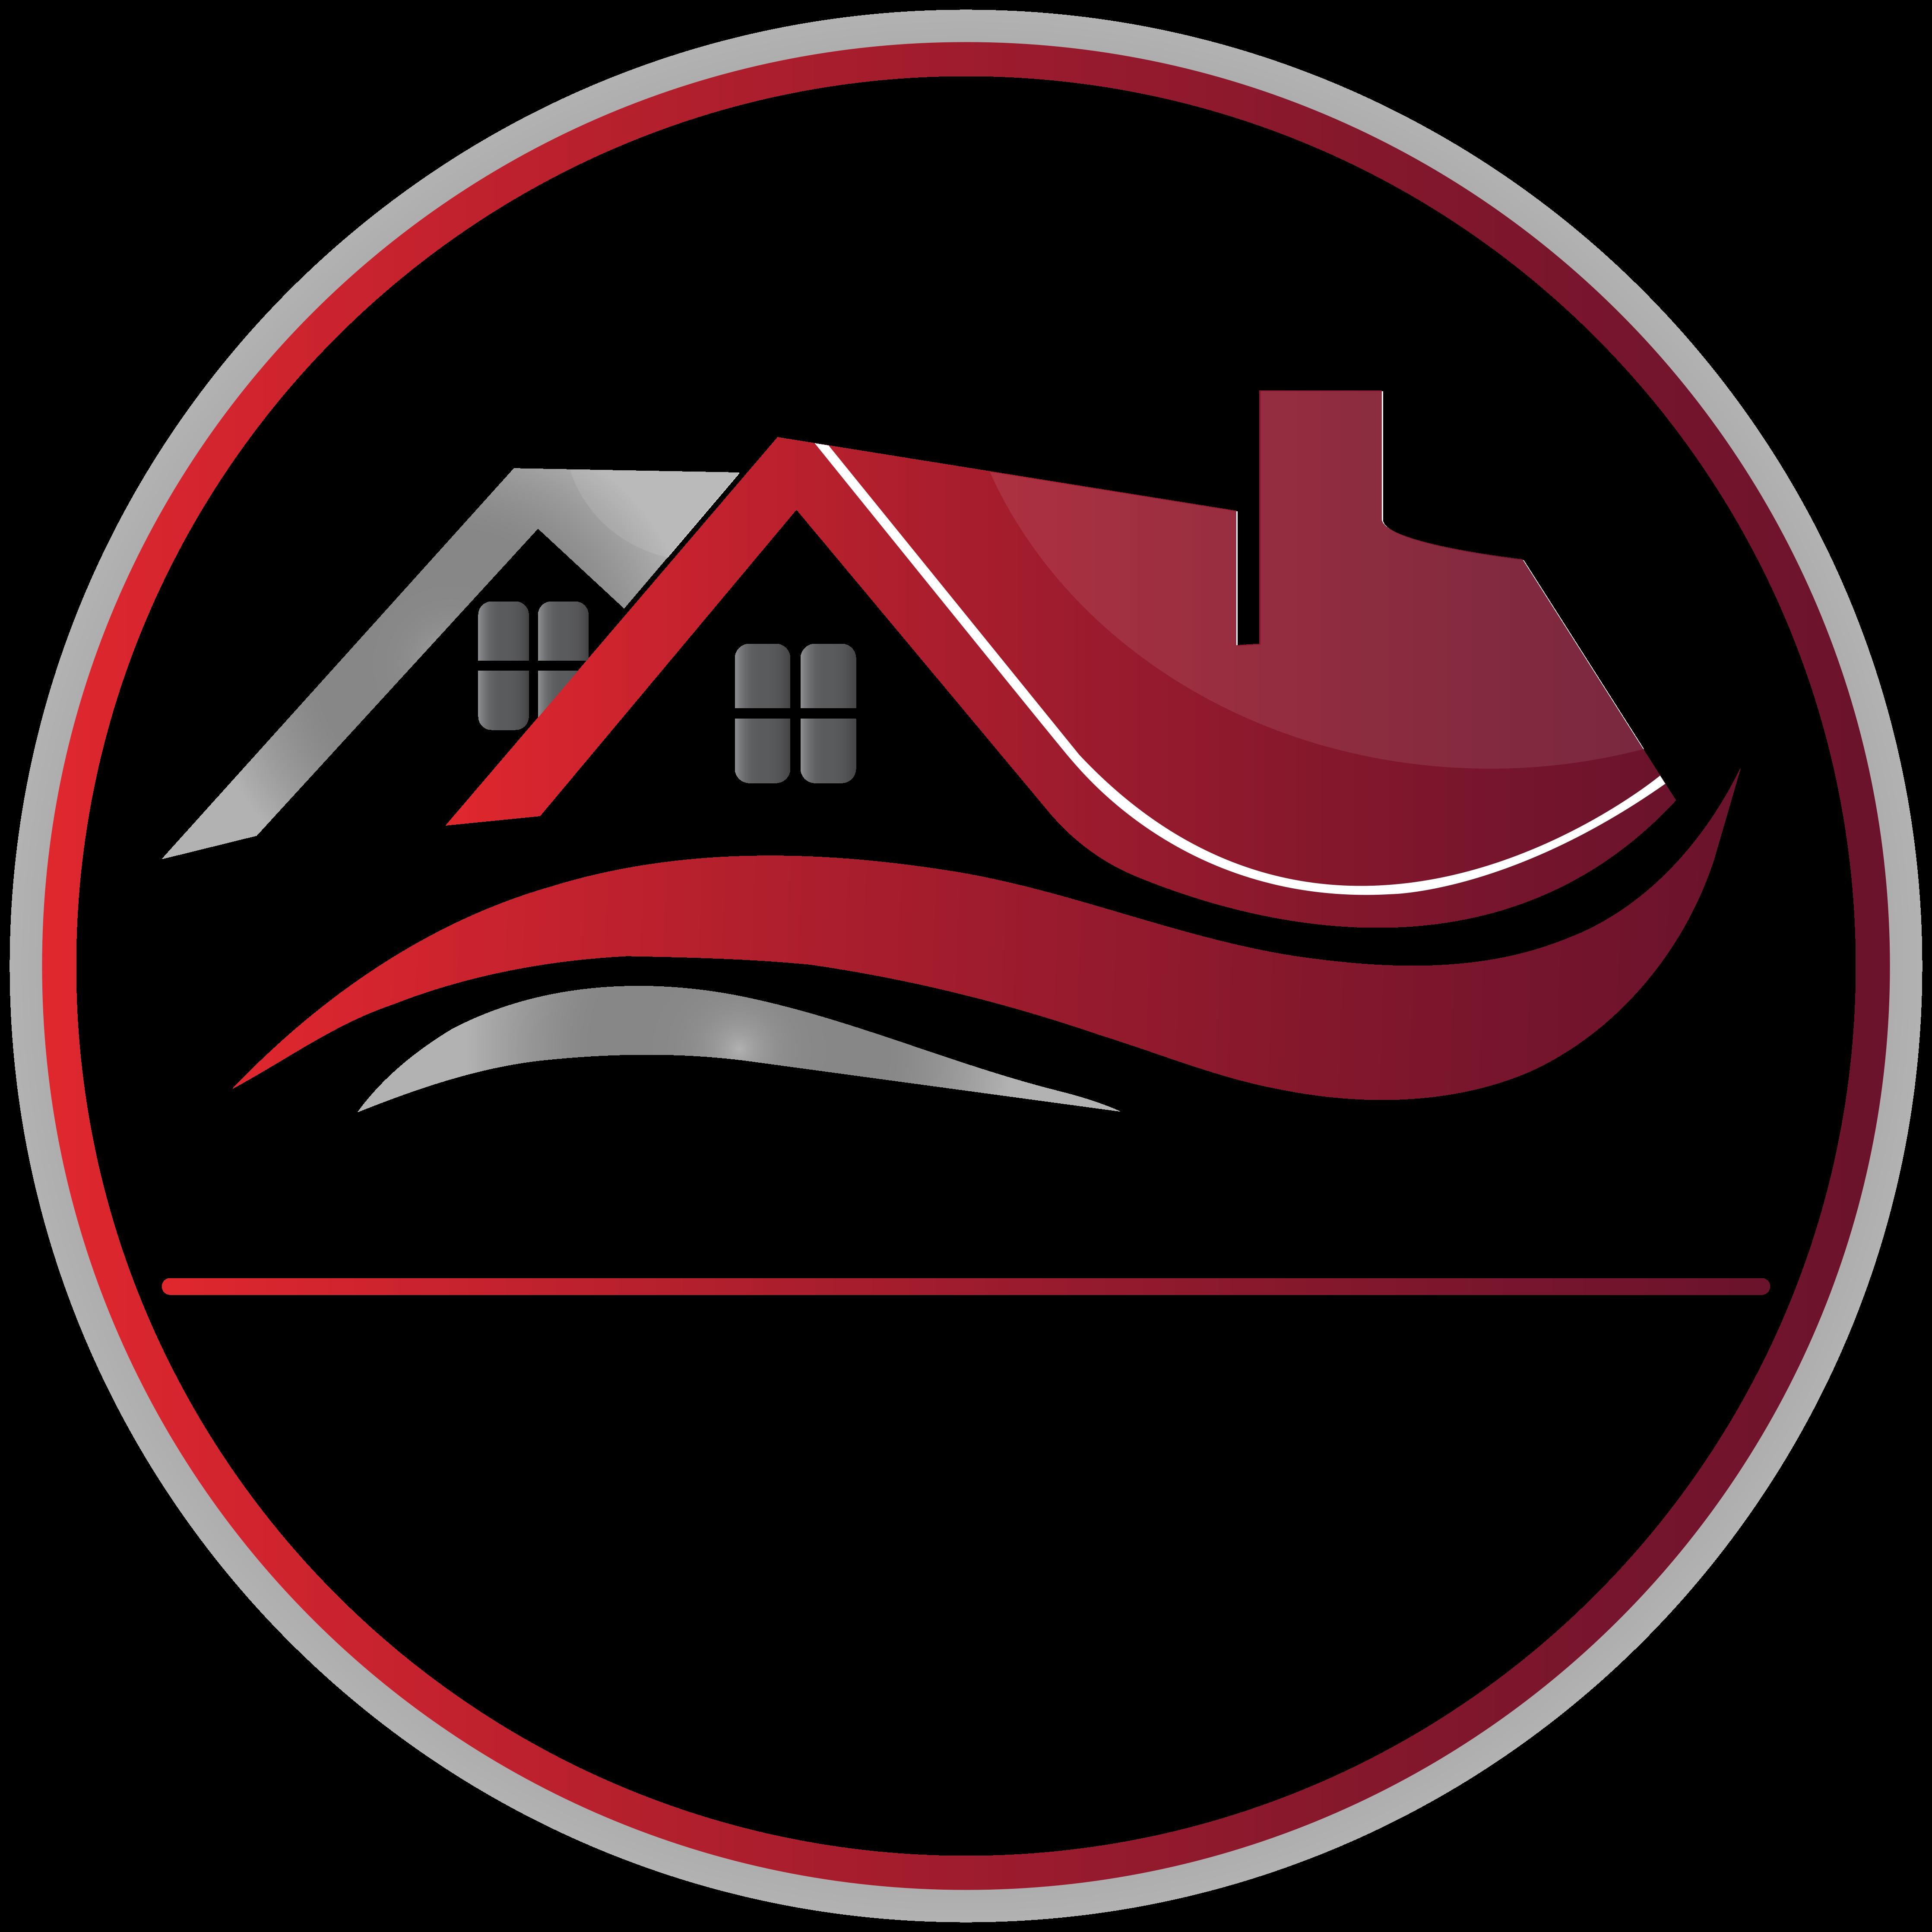 ABM Services & Renovations Inc 38 Hampton St  McDonough, GA